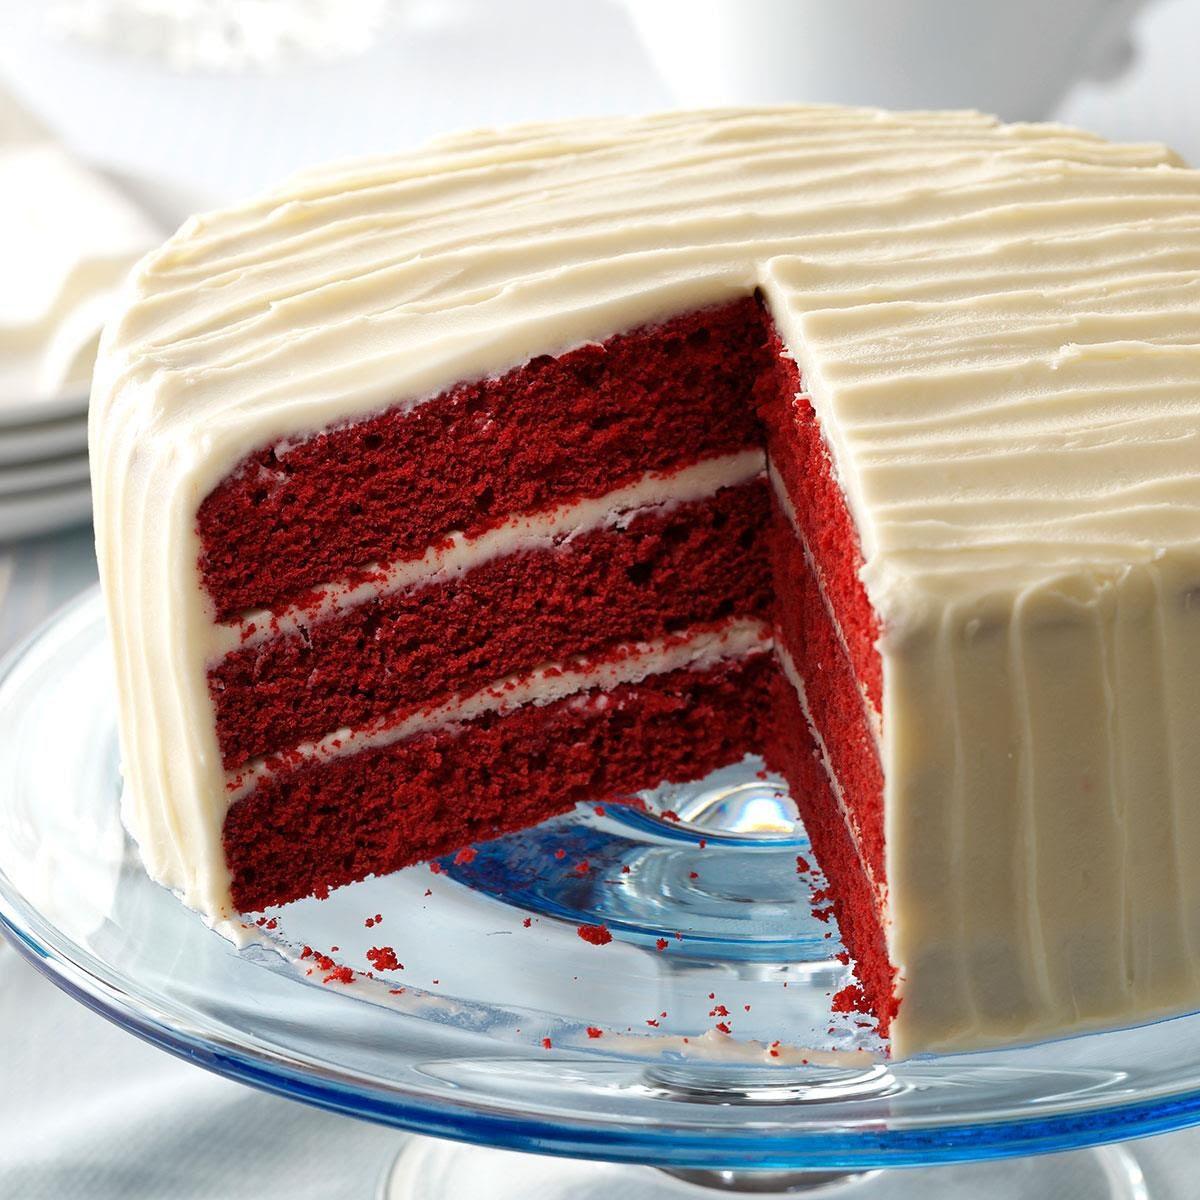 Classic Red Velvet Cake Recipe | Taste of Home